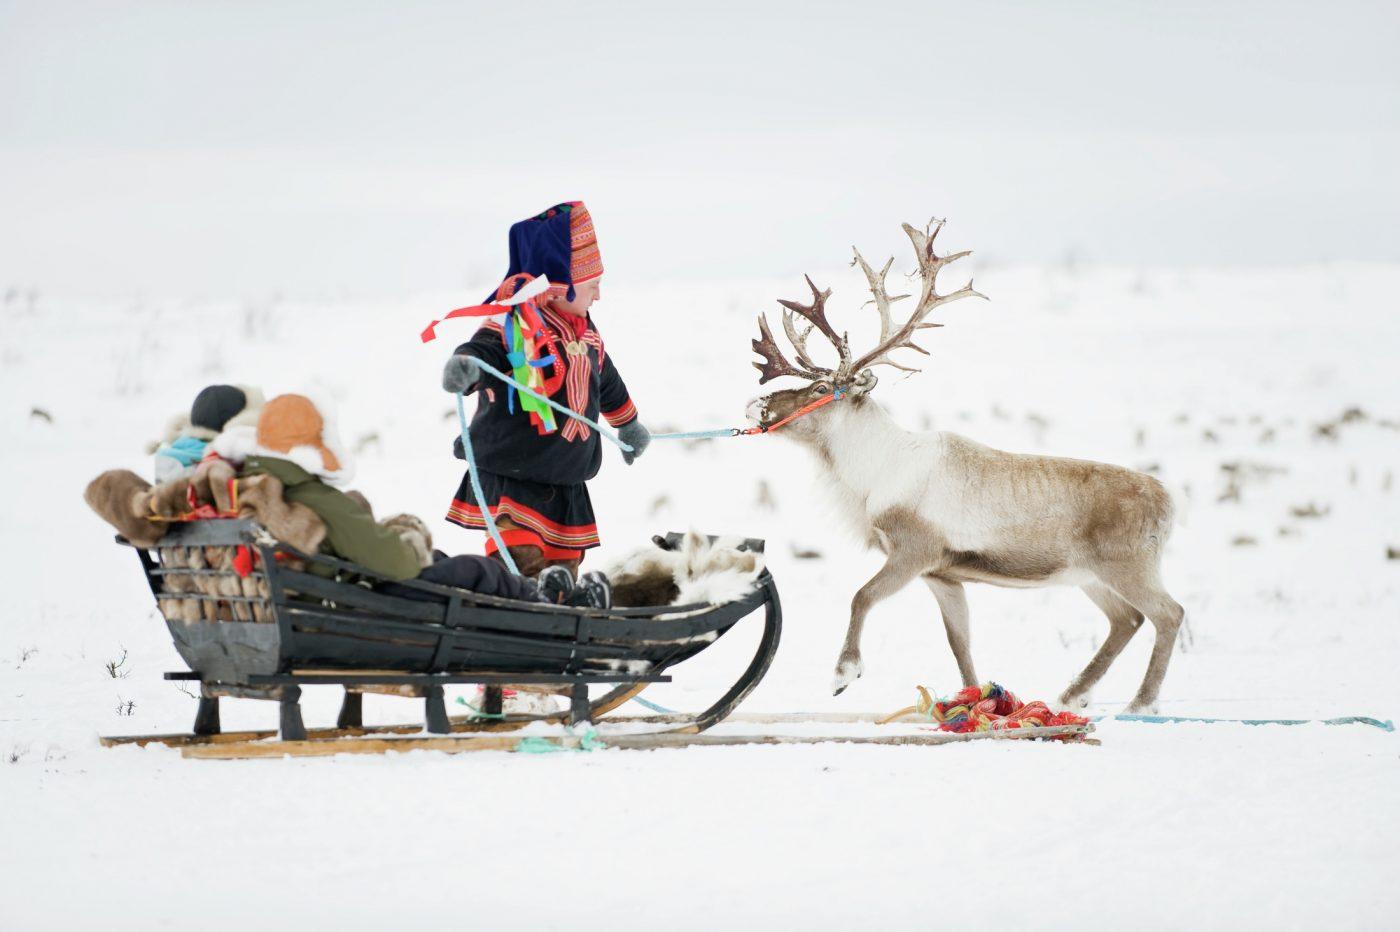 Foto: © Terje Rakke/Nordic Life - Visitnorway.com